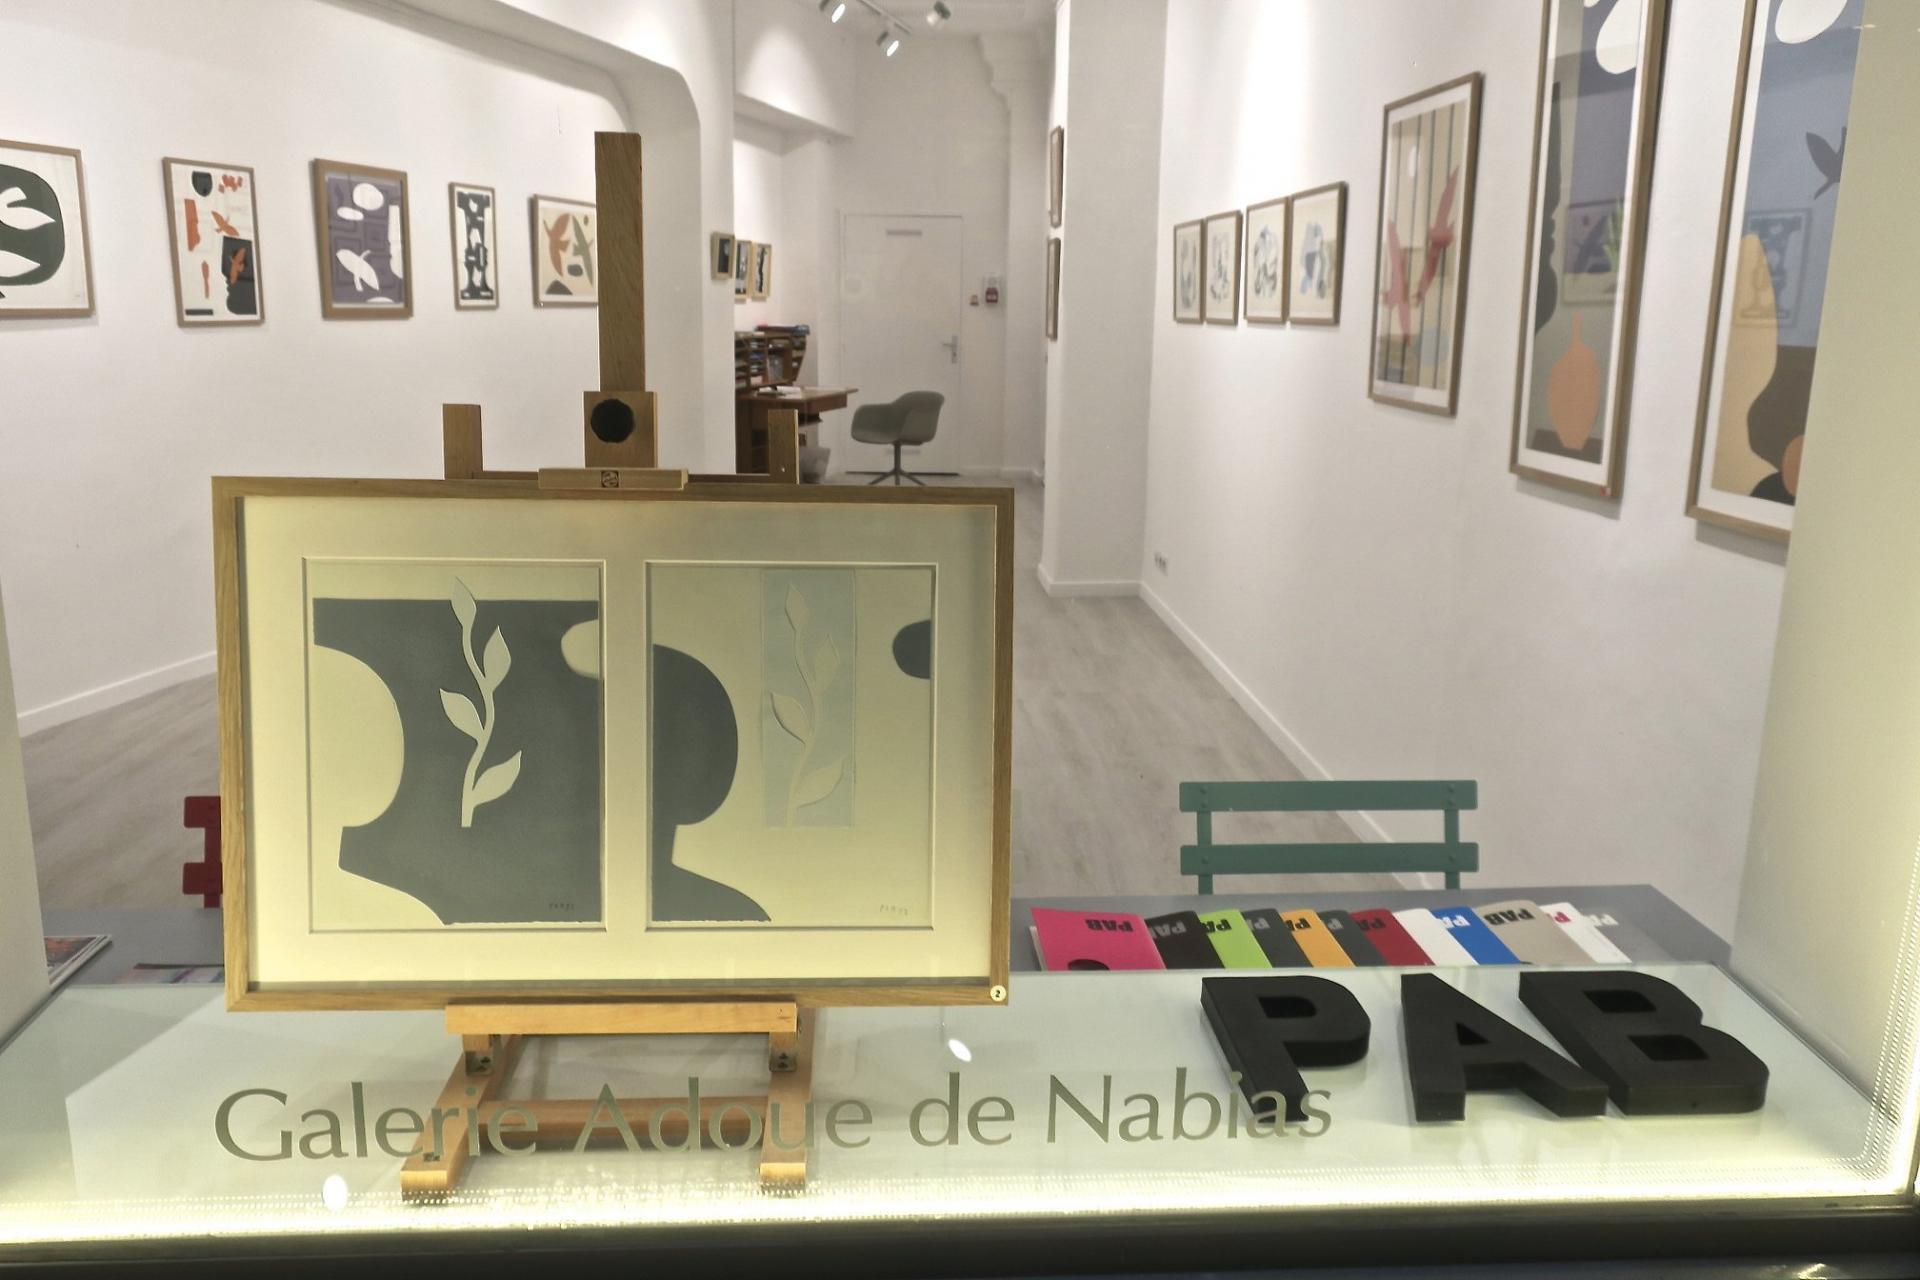 GALERIE ADOUE DE NABIAS